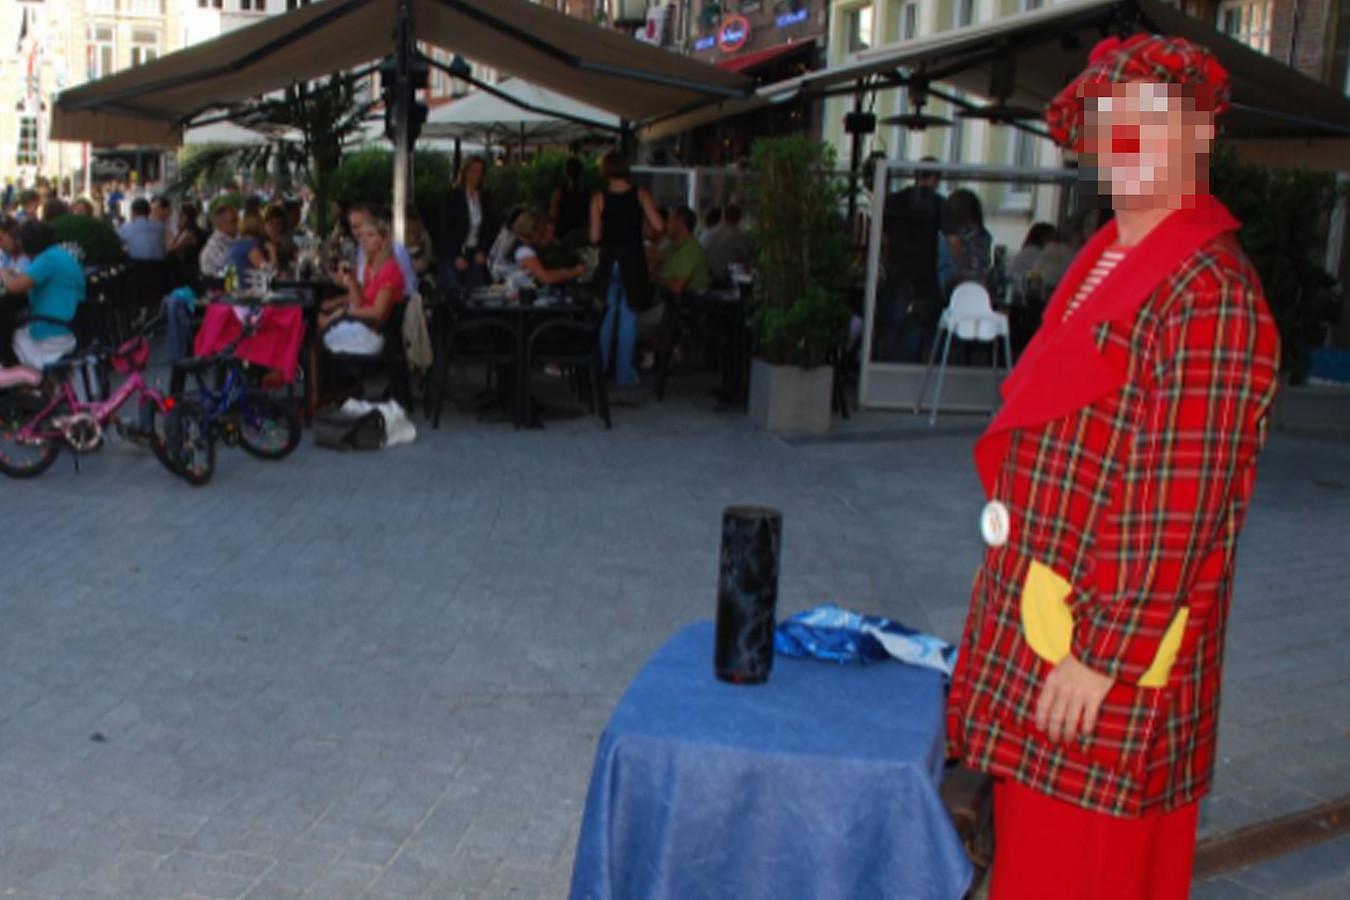 De clown trad onder andere ook op tijdens de Terrasjesavonden in de zomer op de Grote Markt. Na de klacht tegen hem legde hij zijn optredens stil.